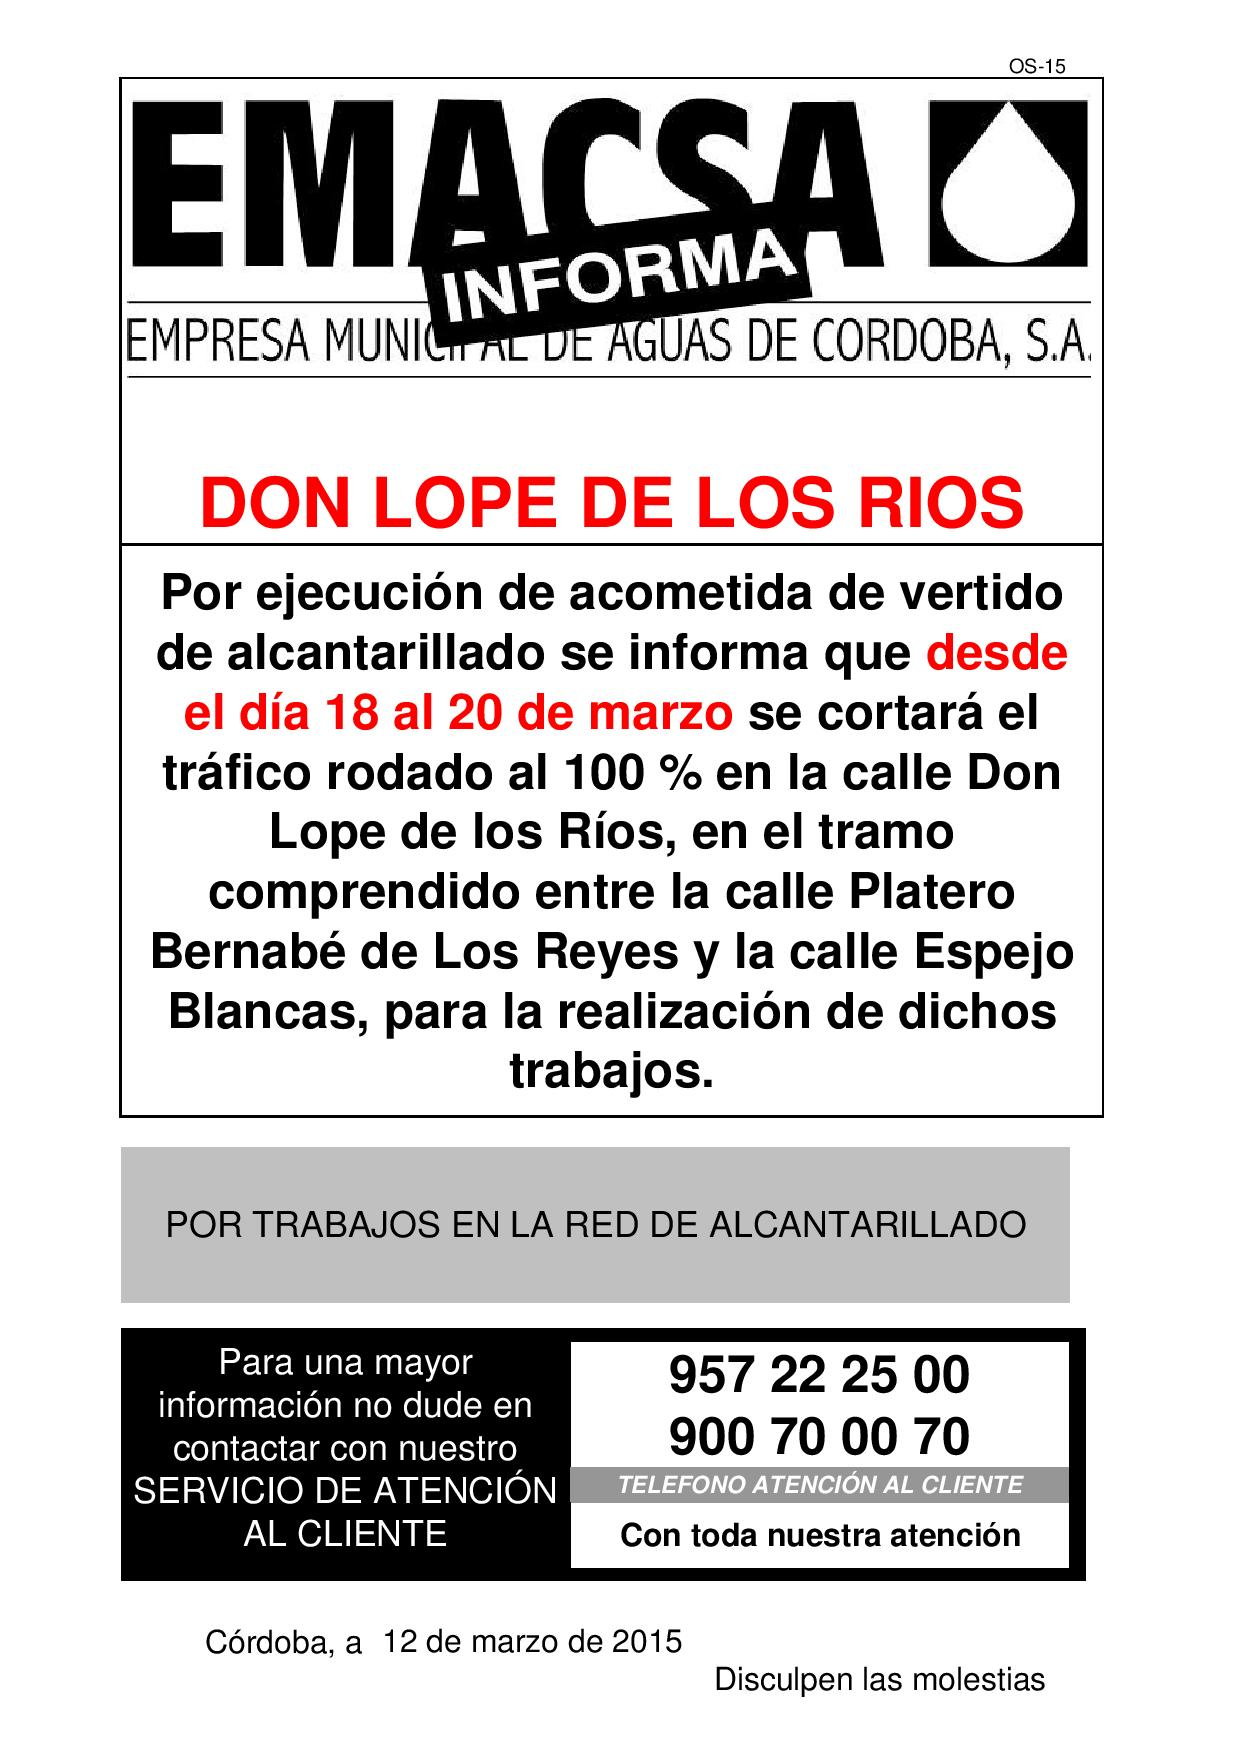 DON LOPE DE LOS RIOS